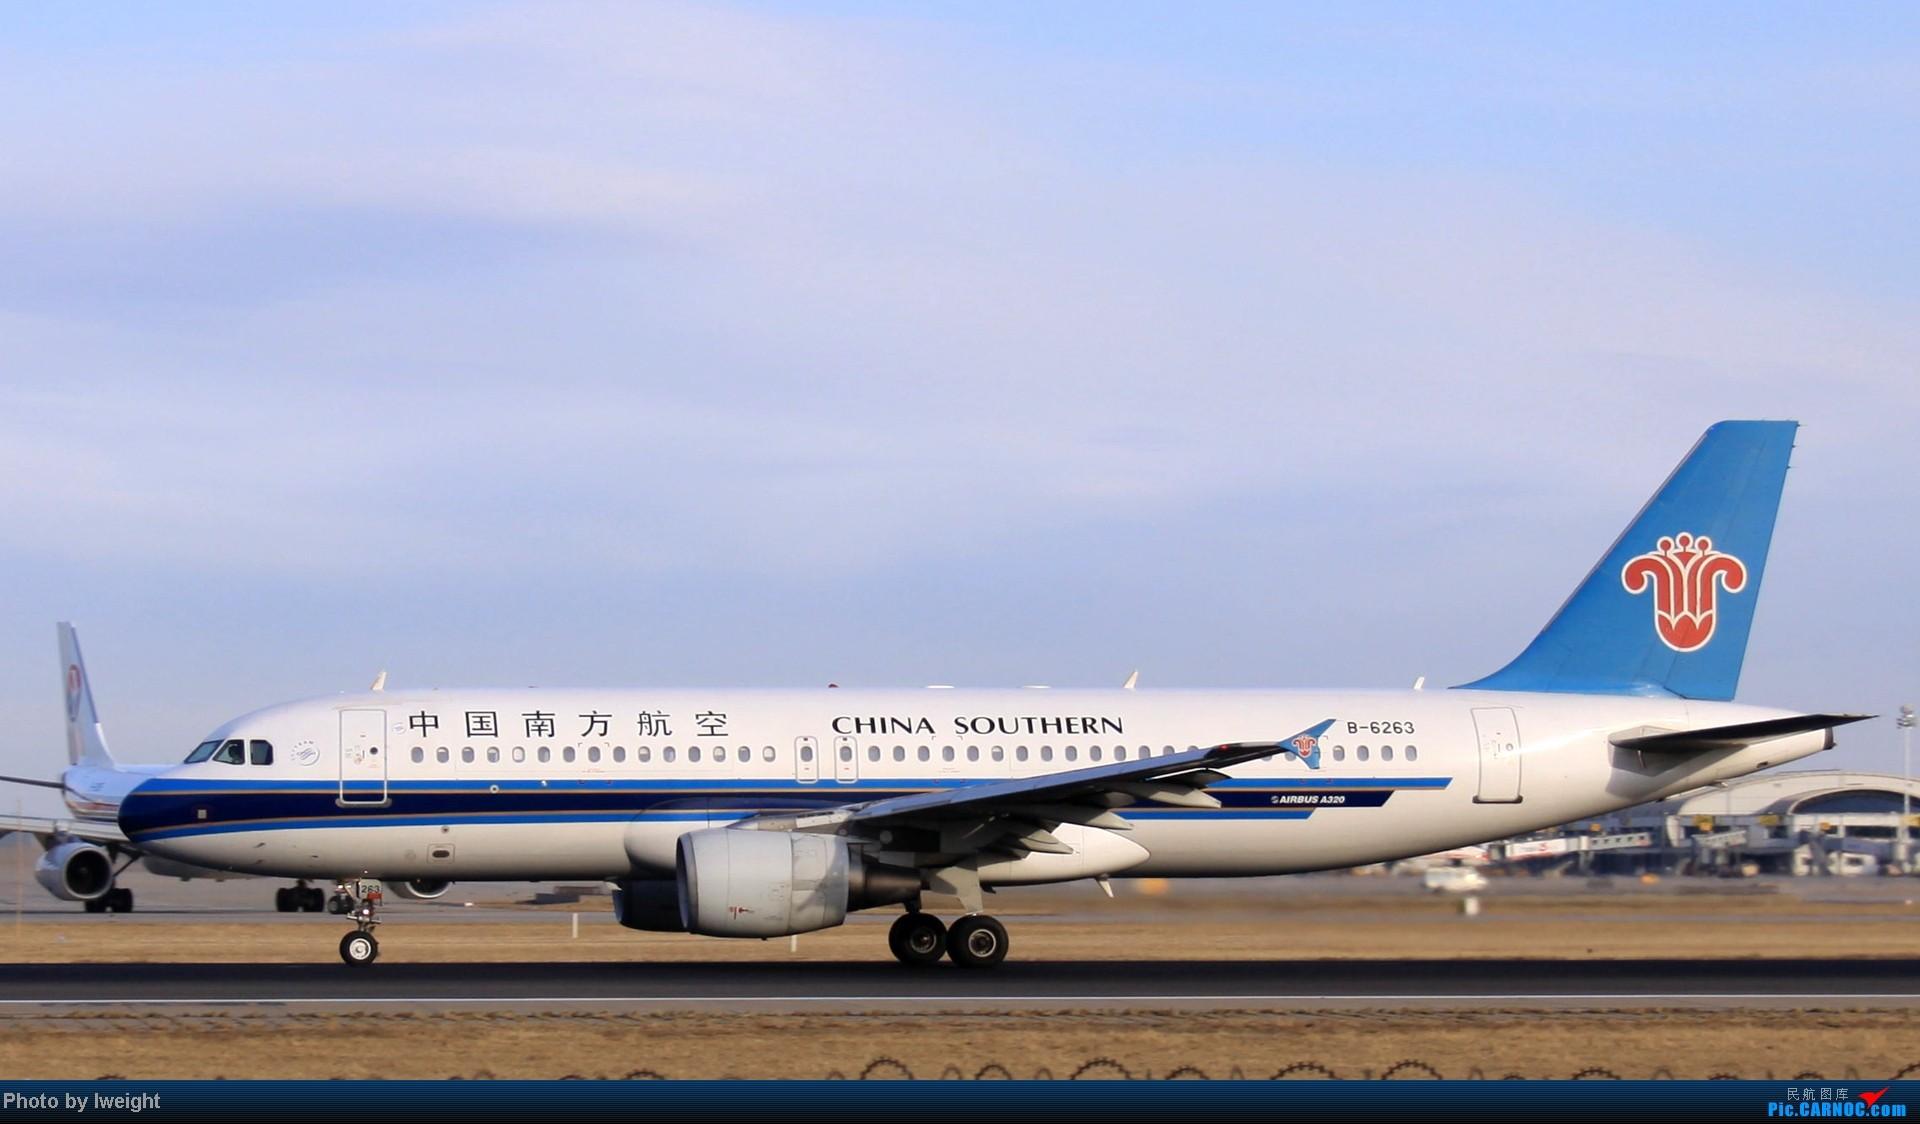 Re:[原创]今天下午瞎拍两个小时的杂图 AIRBUS A320-200 B-6263 中国北京首都机场